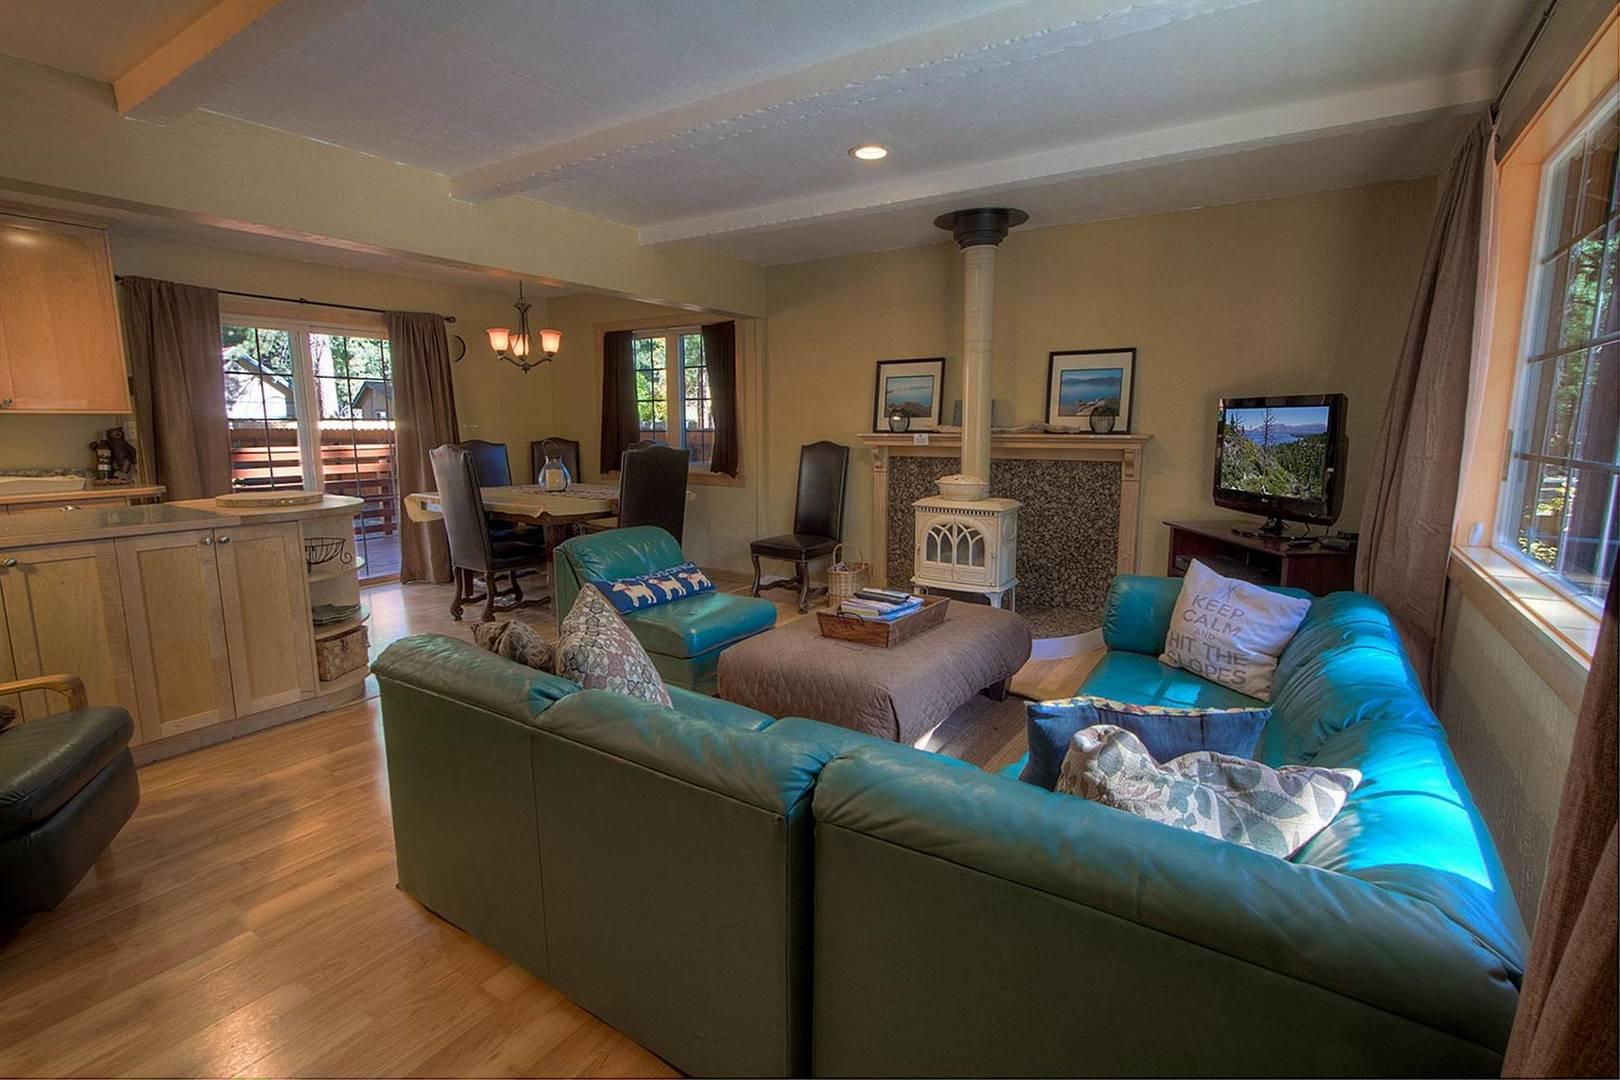 cyh0741 Living Room